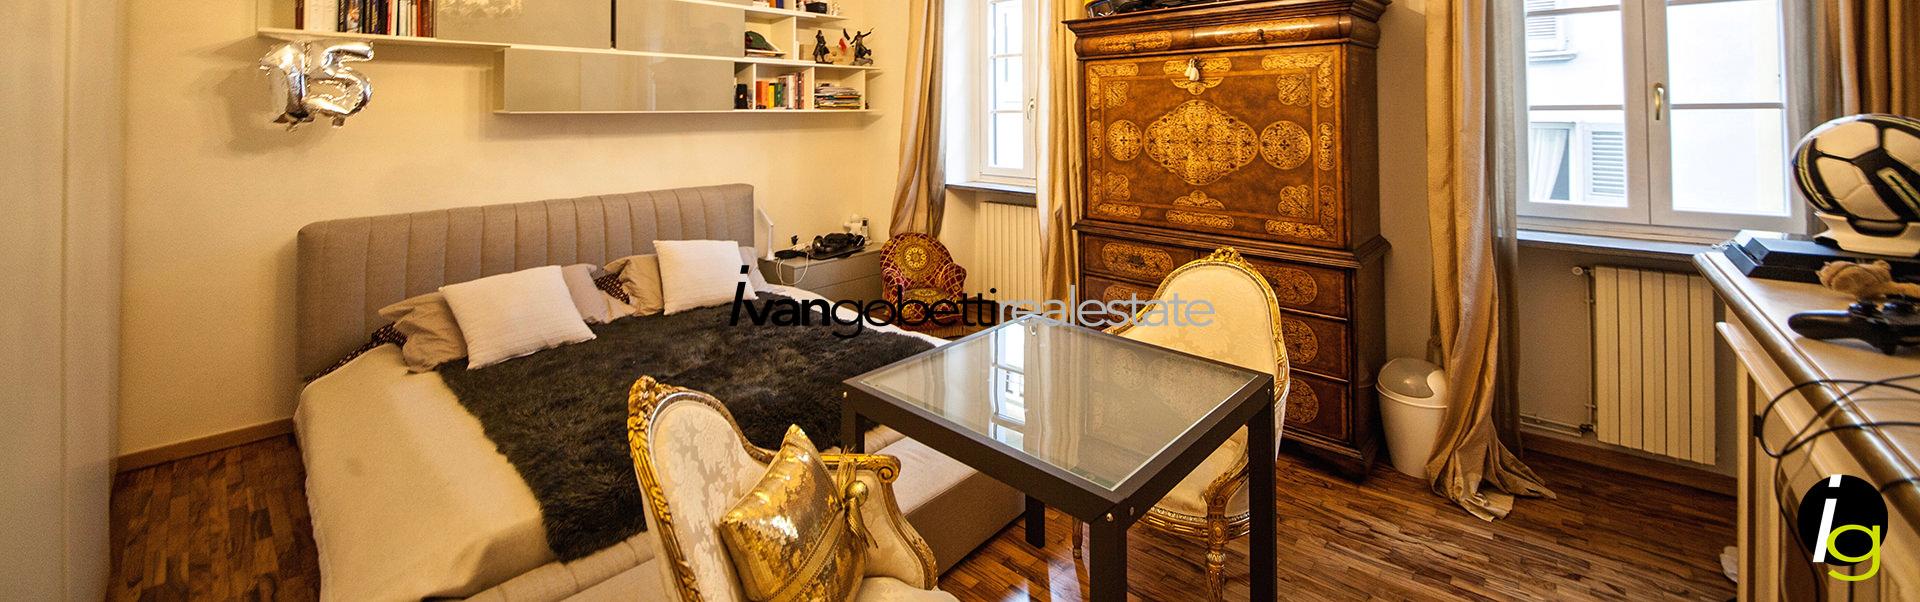 Appartamento lussuoso in vendita Arona Lago Maggiore